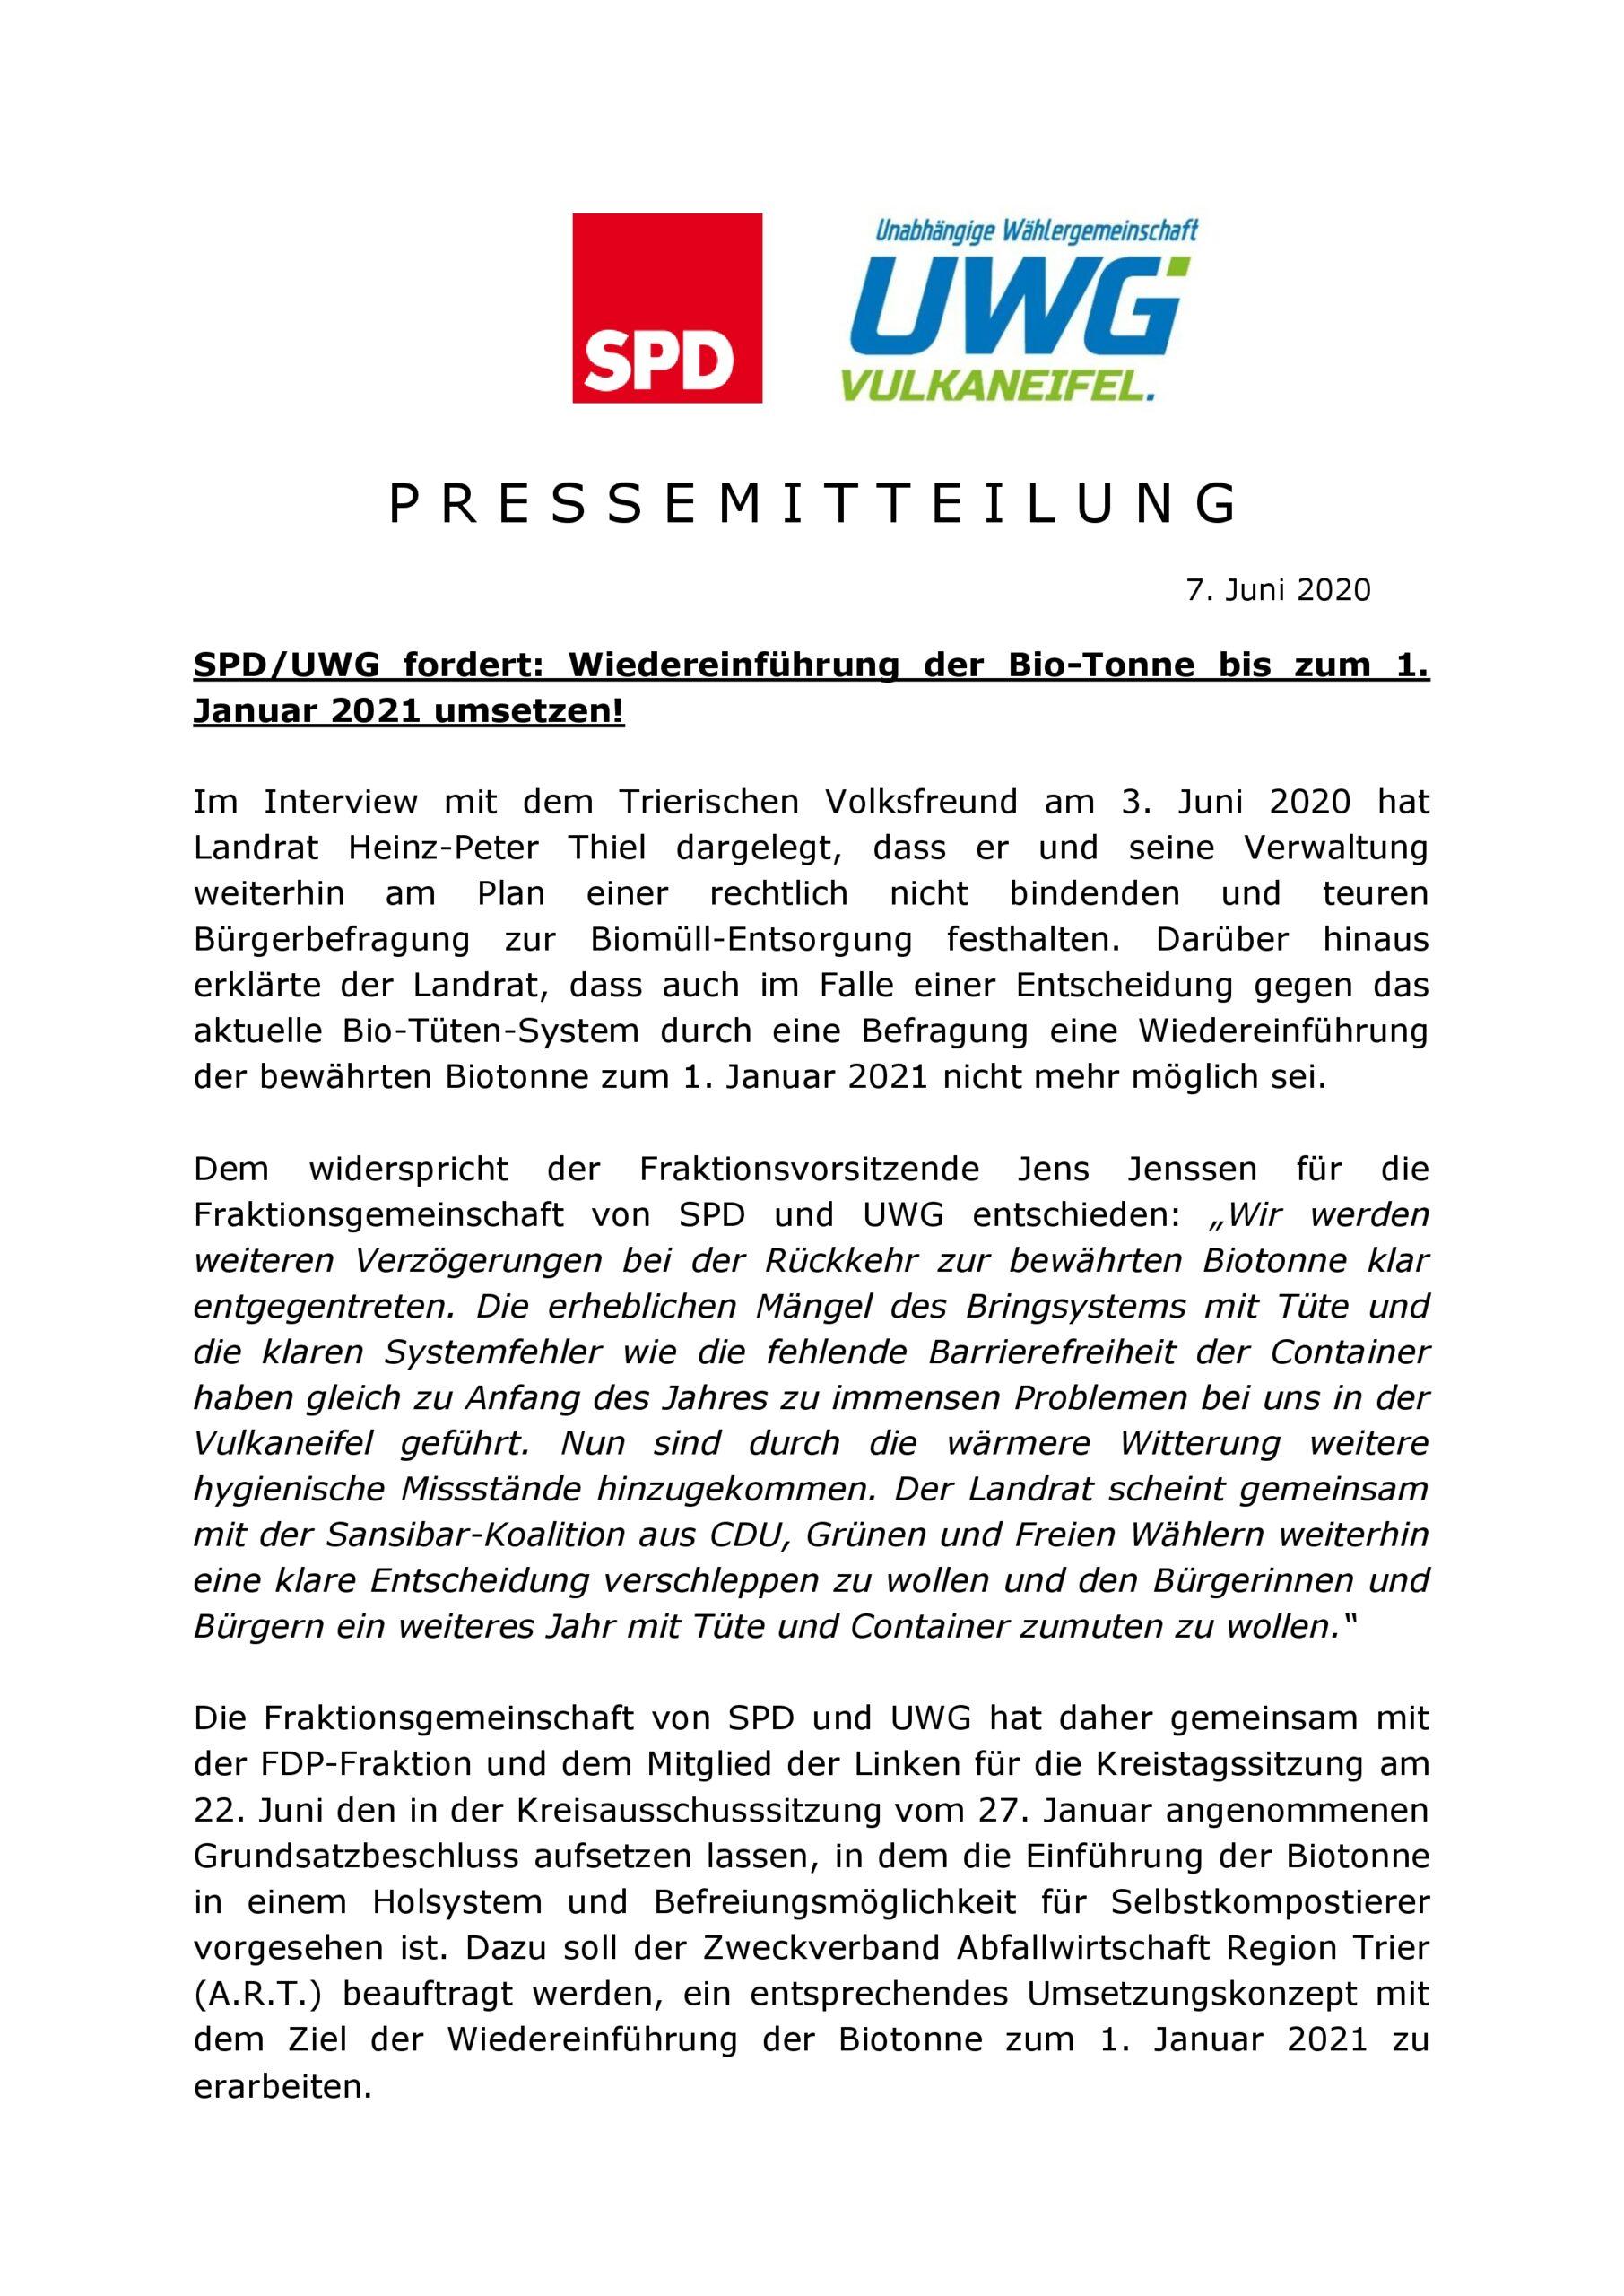 Wiedereinführung der Biotonne zum 1. Januar 2020 umsetzen__07.06.2020-001